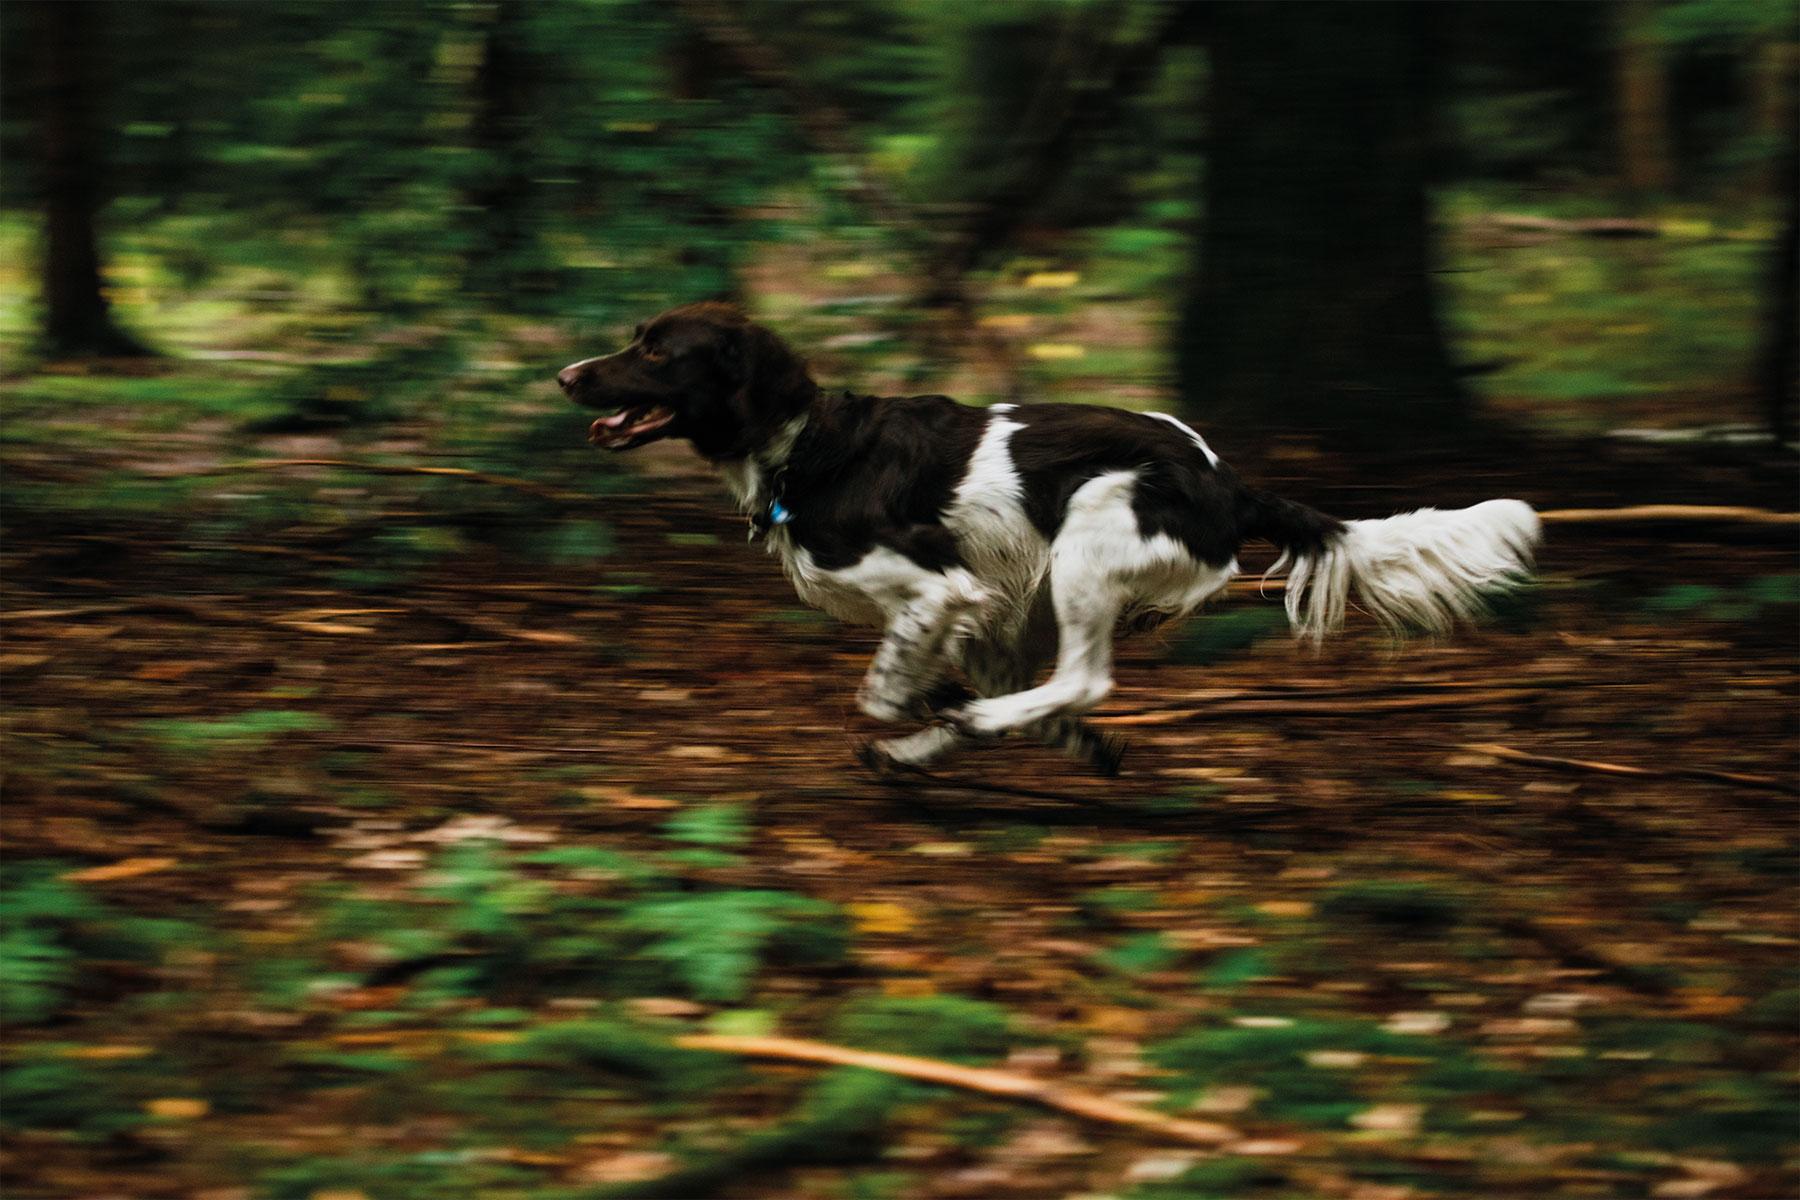 kleiner-muensterlaender-hund-tierfilm-wald-rennen-outdoor-hundefilm-jagdhund-basti-kaspar